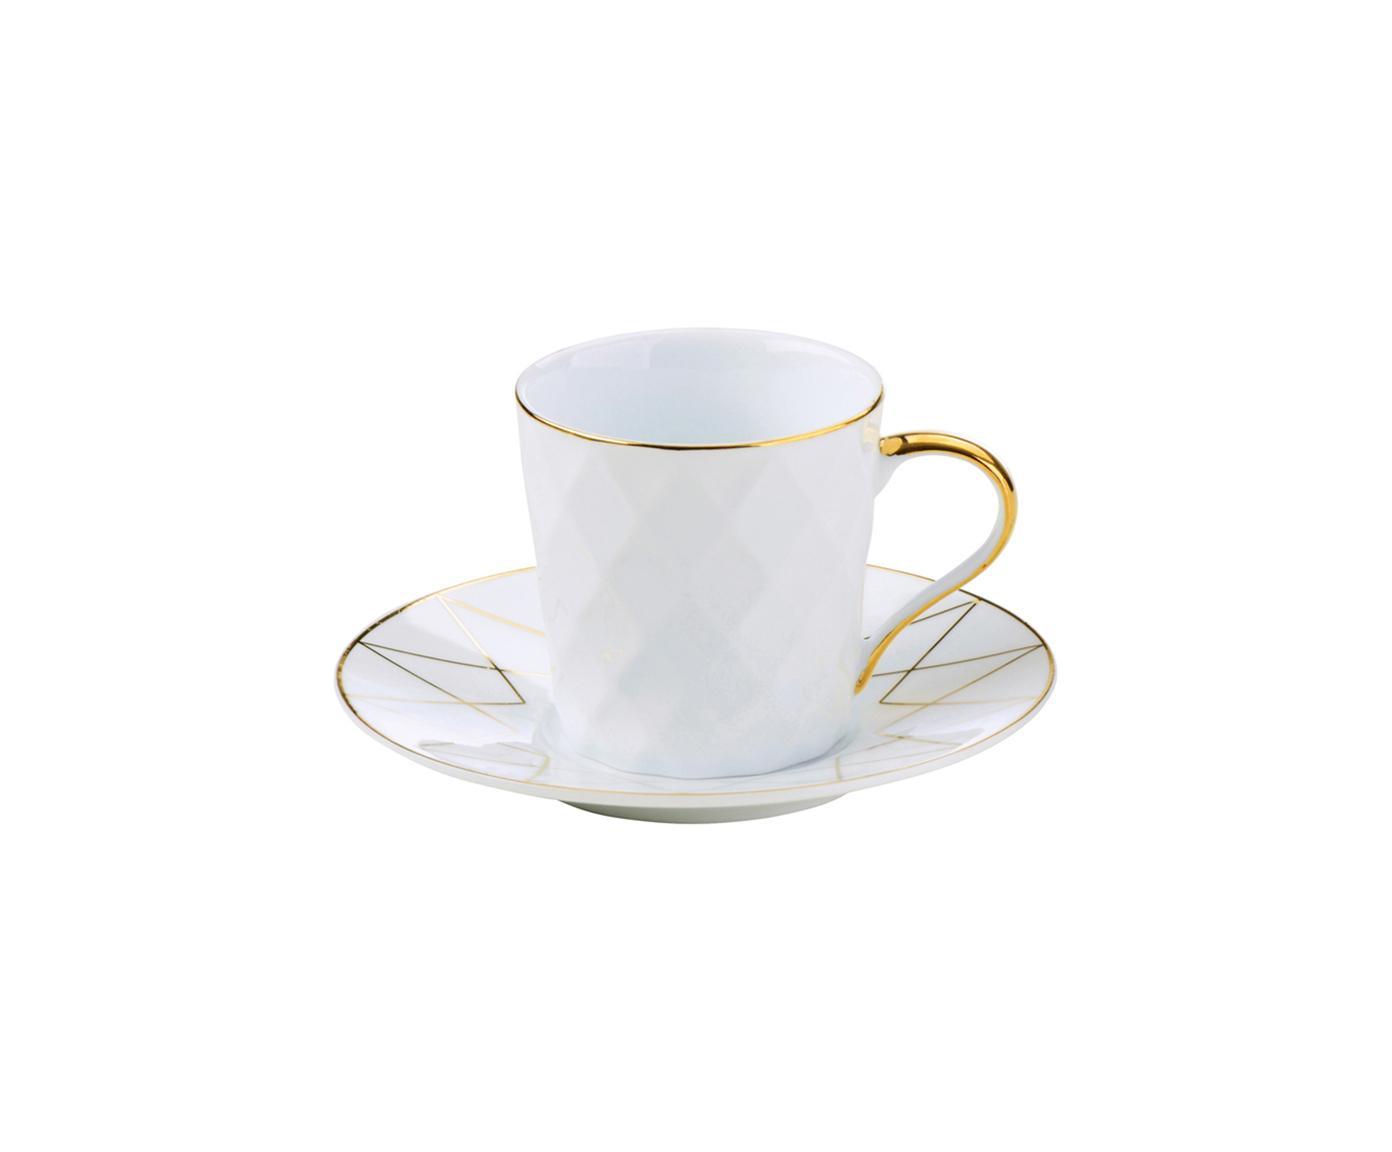 Espressotassen mit Untertassen Lux, 3 Stück, Porzellan, Weiß, Goldfarben, Ø 12 x H 6 cm